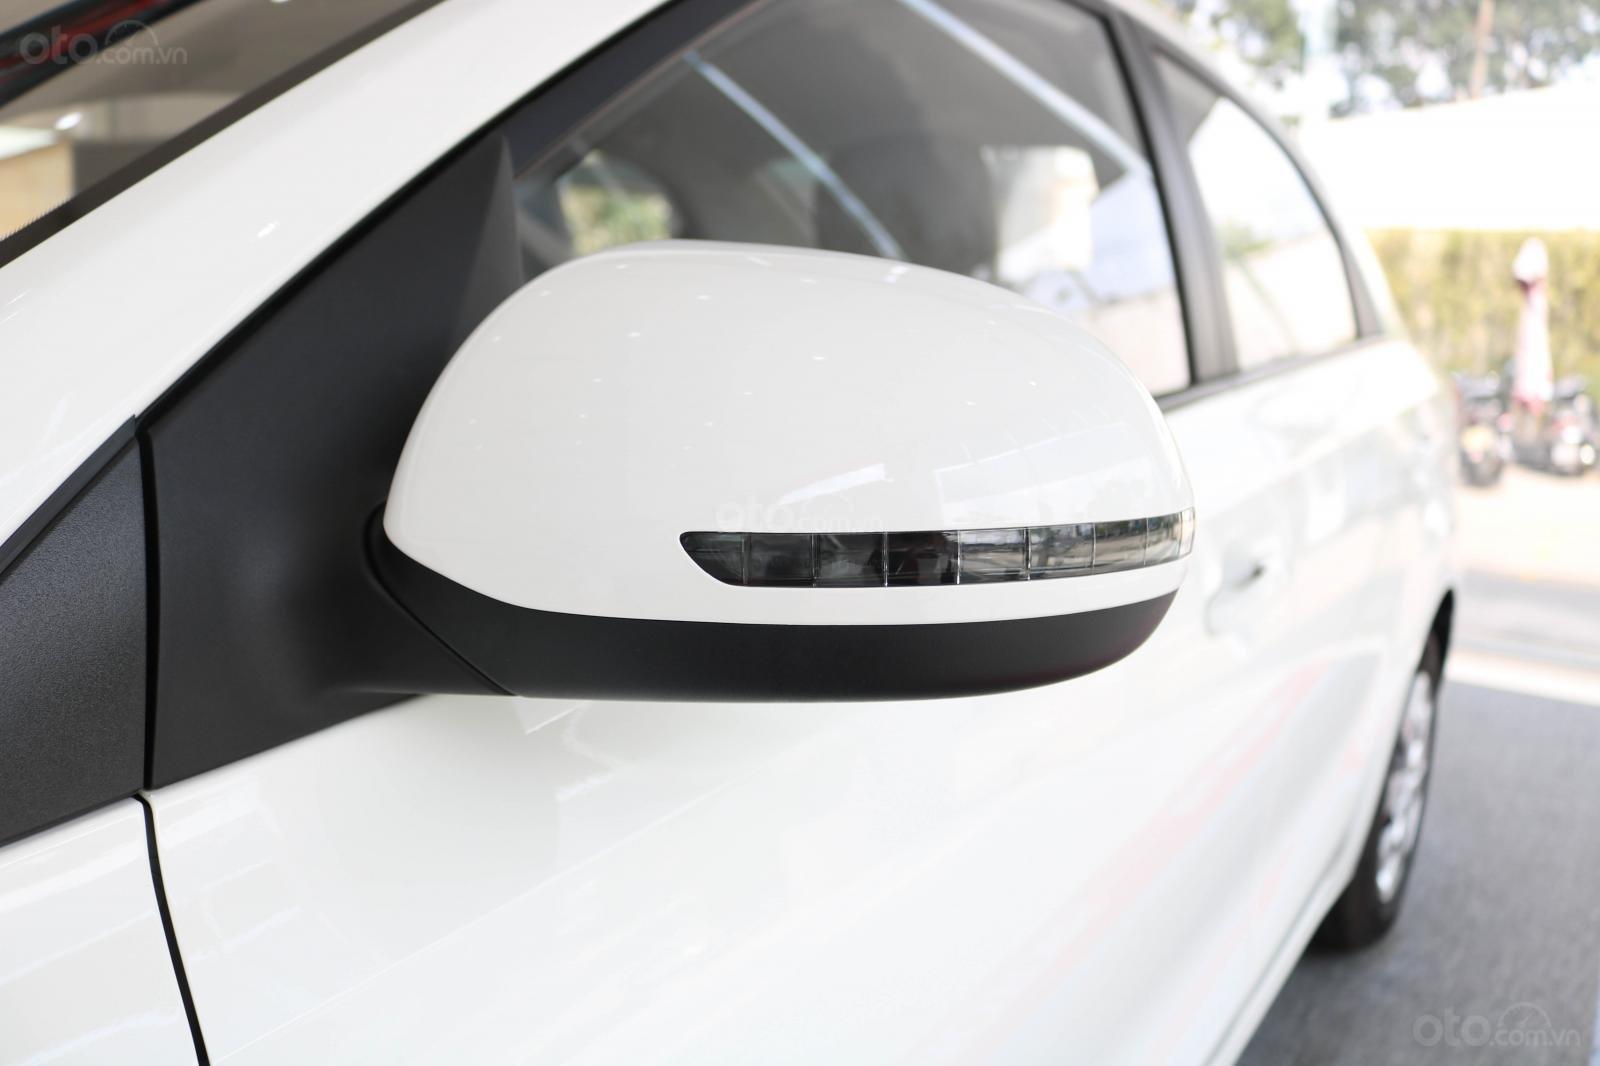 Kia Soluto 2019 số sàn - Có xe giao liền - Đủ màu, tặng phụ kiện + tặng bảo hiểm - Đưa trước 145 triệu (6)